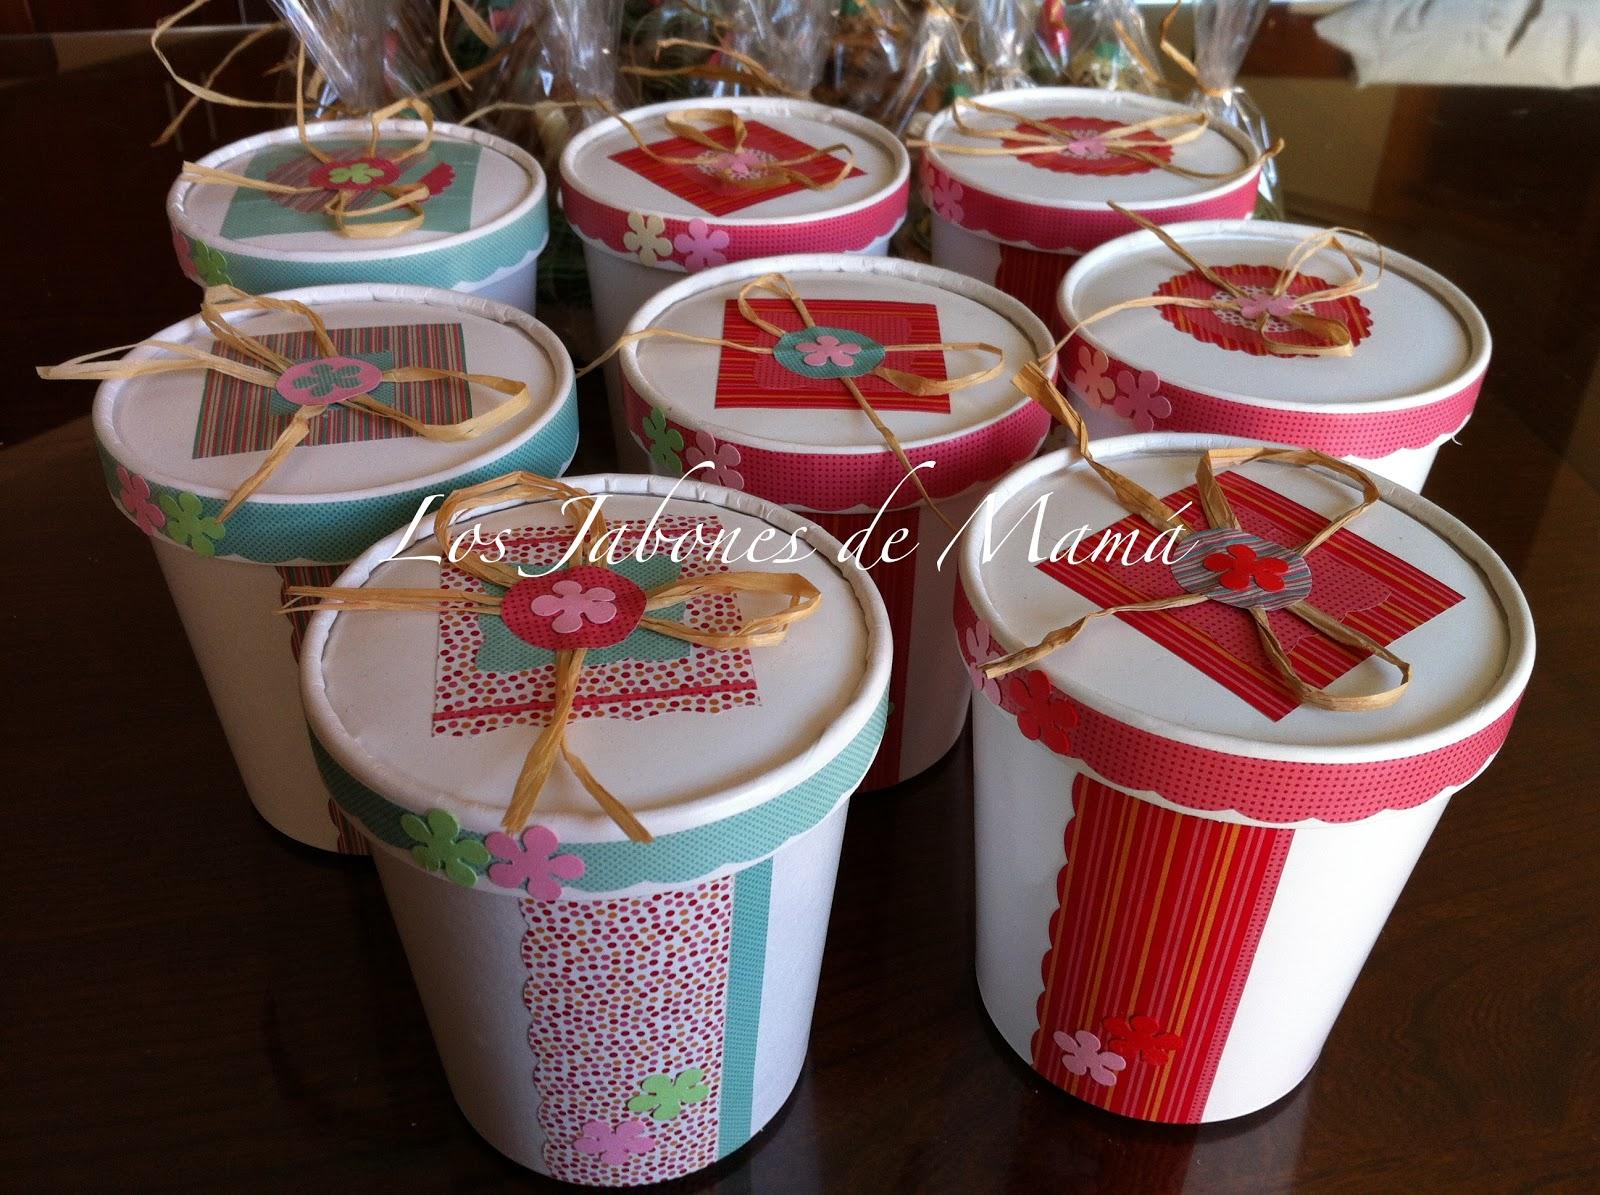 Los jabones de mam regalos de navidad para profesoras - Regalos de navidad para mama ...